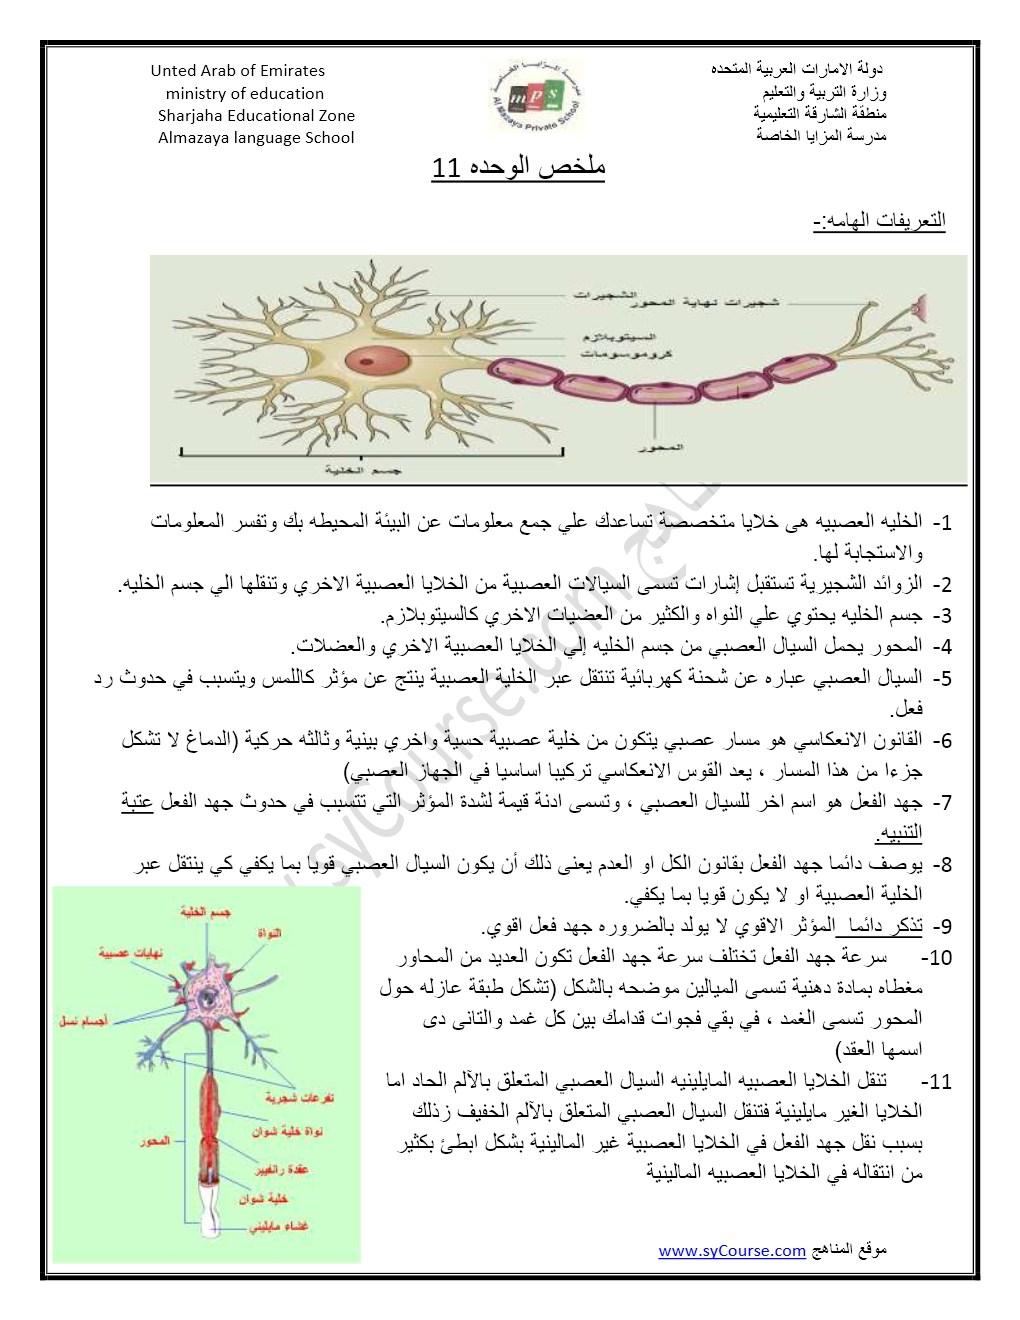 ملخص الجهاز العصبي أحياء للصف الثاني عشر المتقدم الفصل الأول 2019